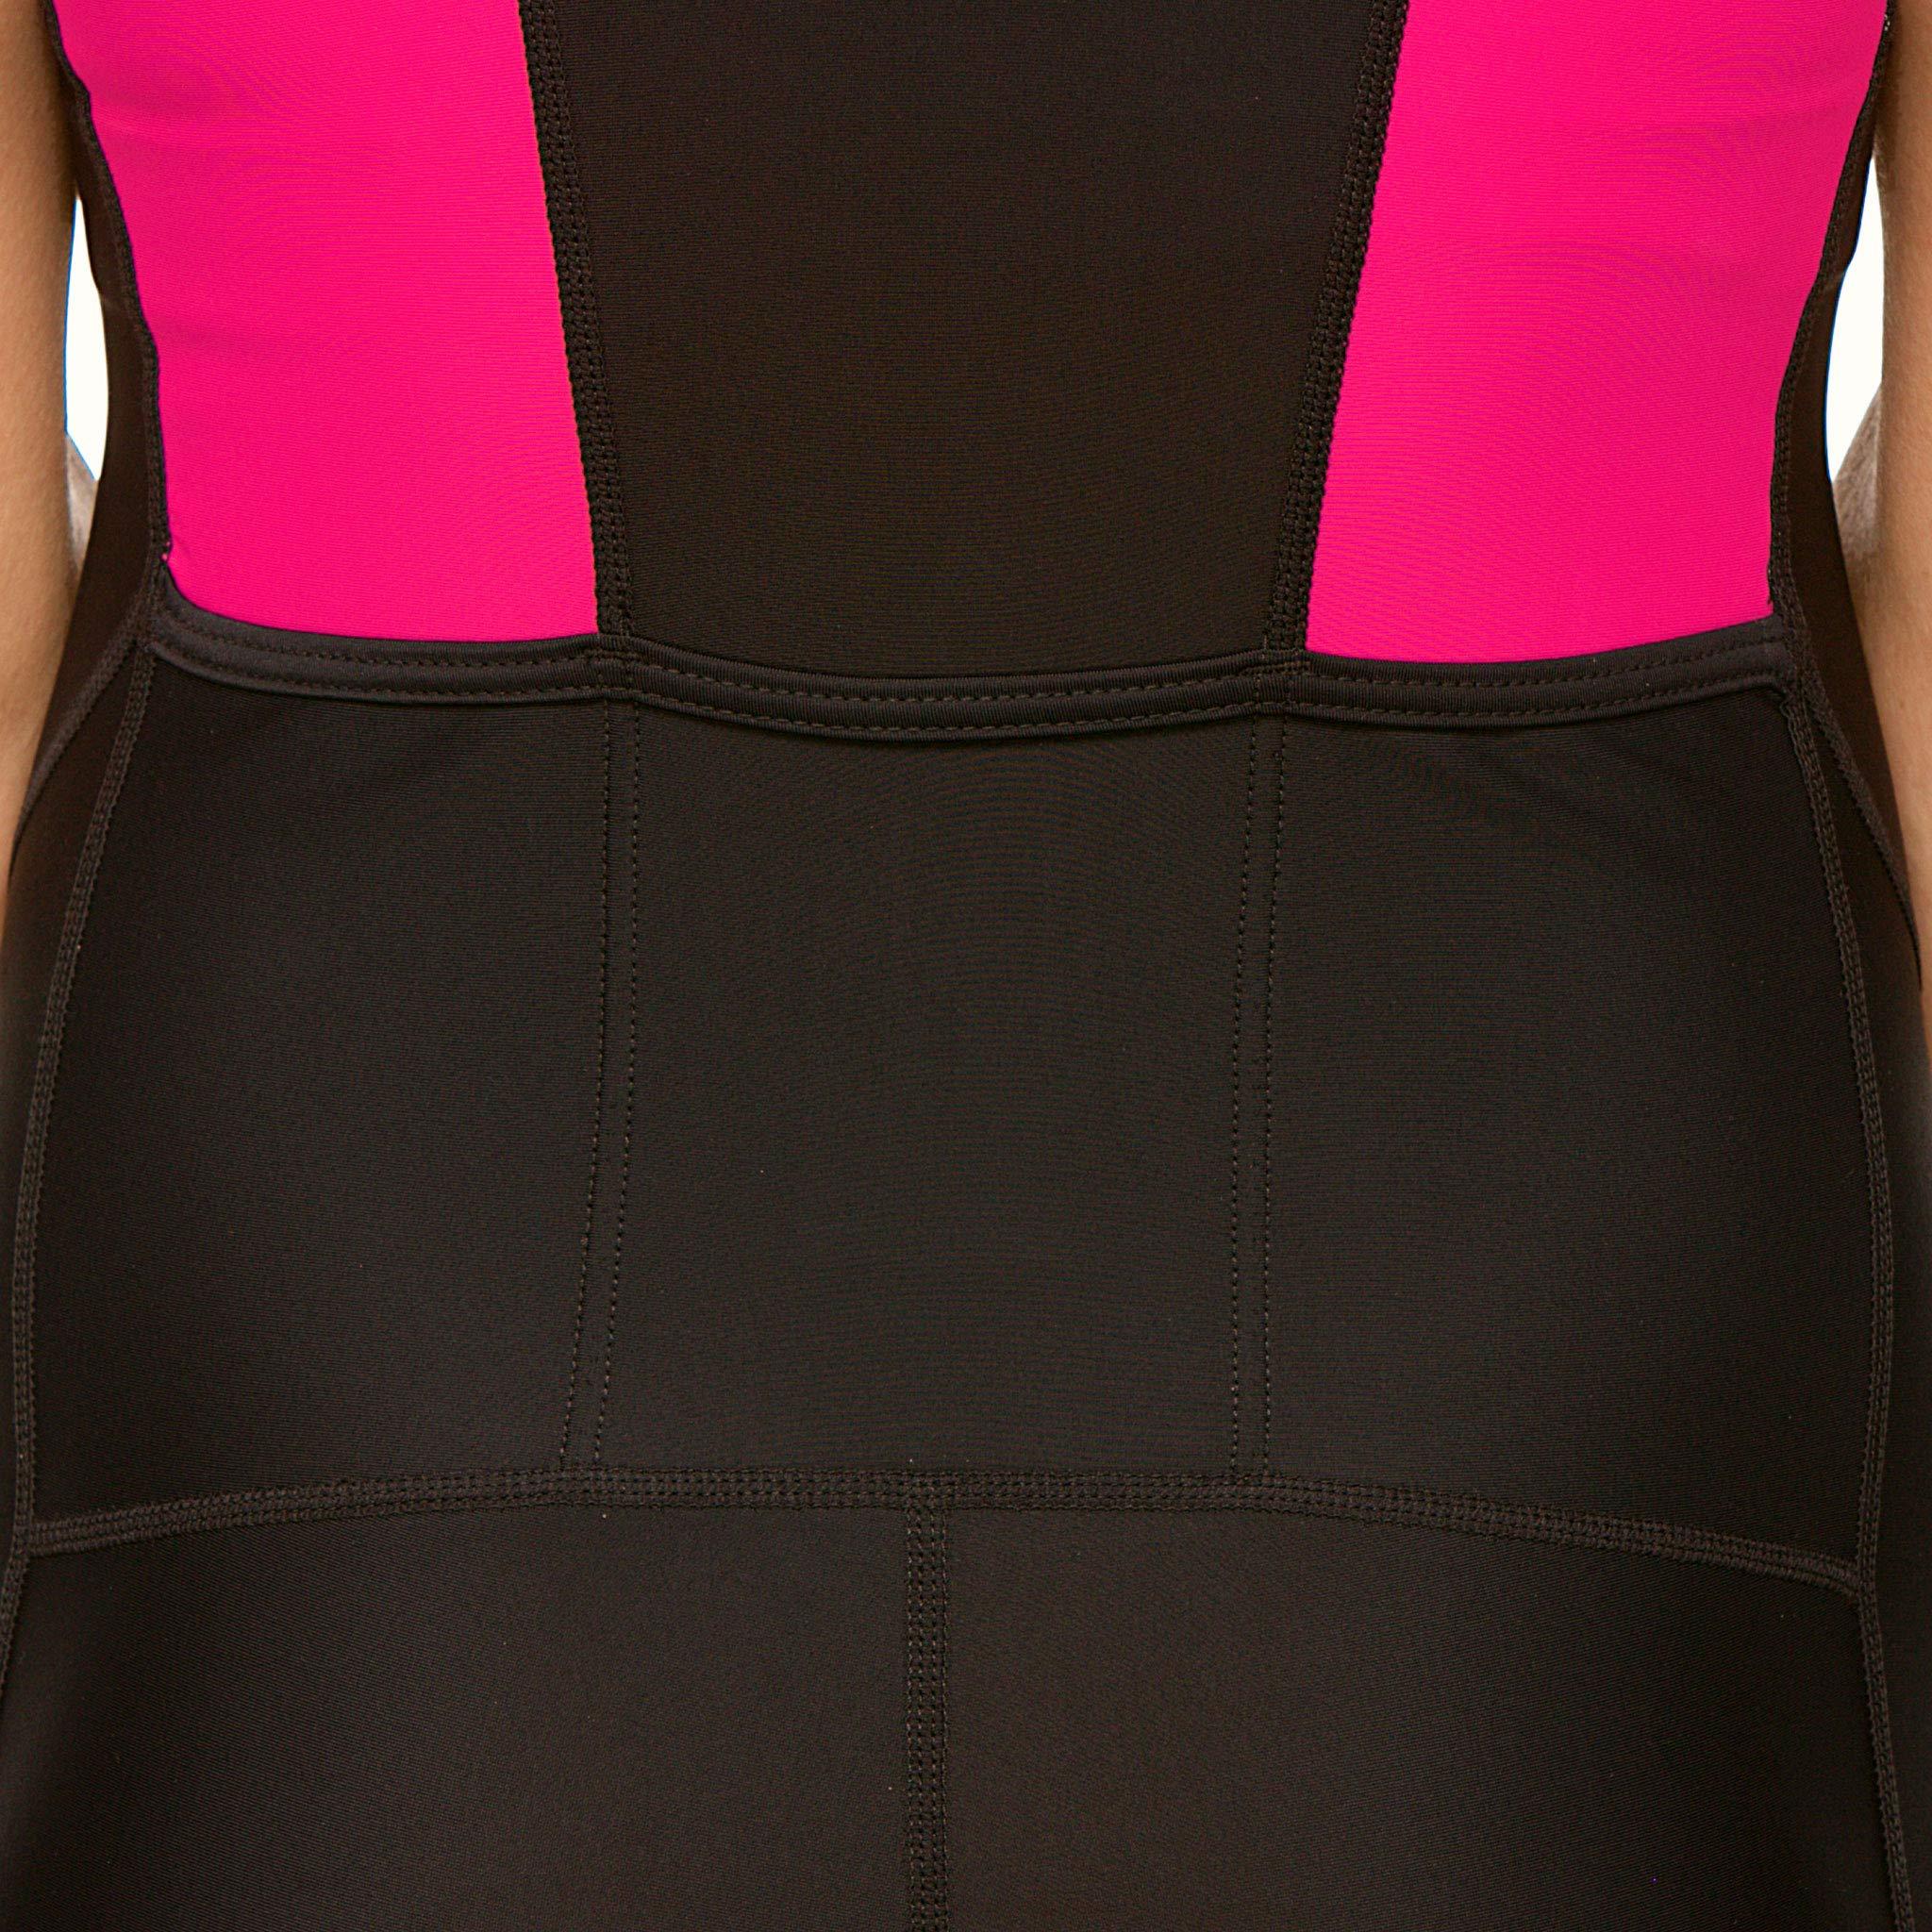 SLS3 Women`s Triathlon Tri Race Suit FRT | Womens Trisuit | Back Pocket Triathlon Suits | Anti-Friction Seams | German Designed (Black/Bright Rose, L) by SLS3 (Image #7)